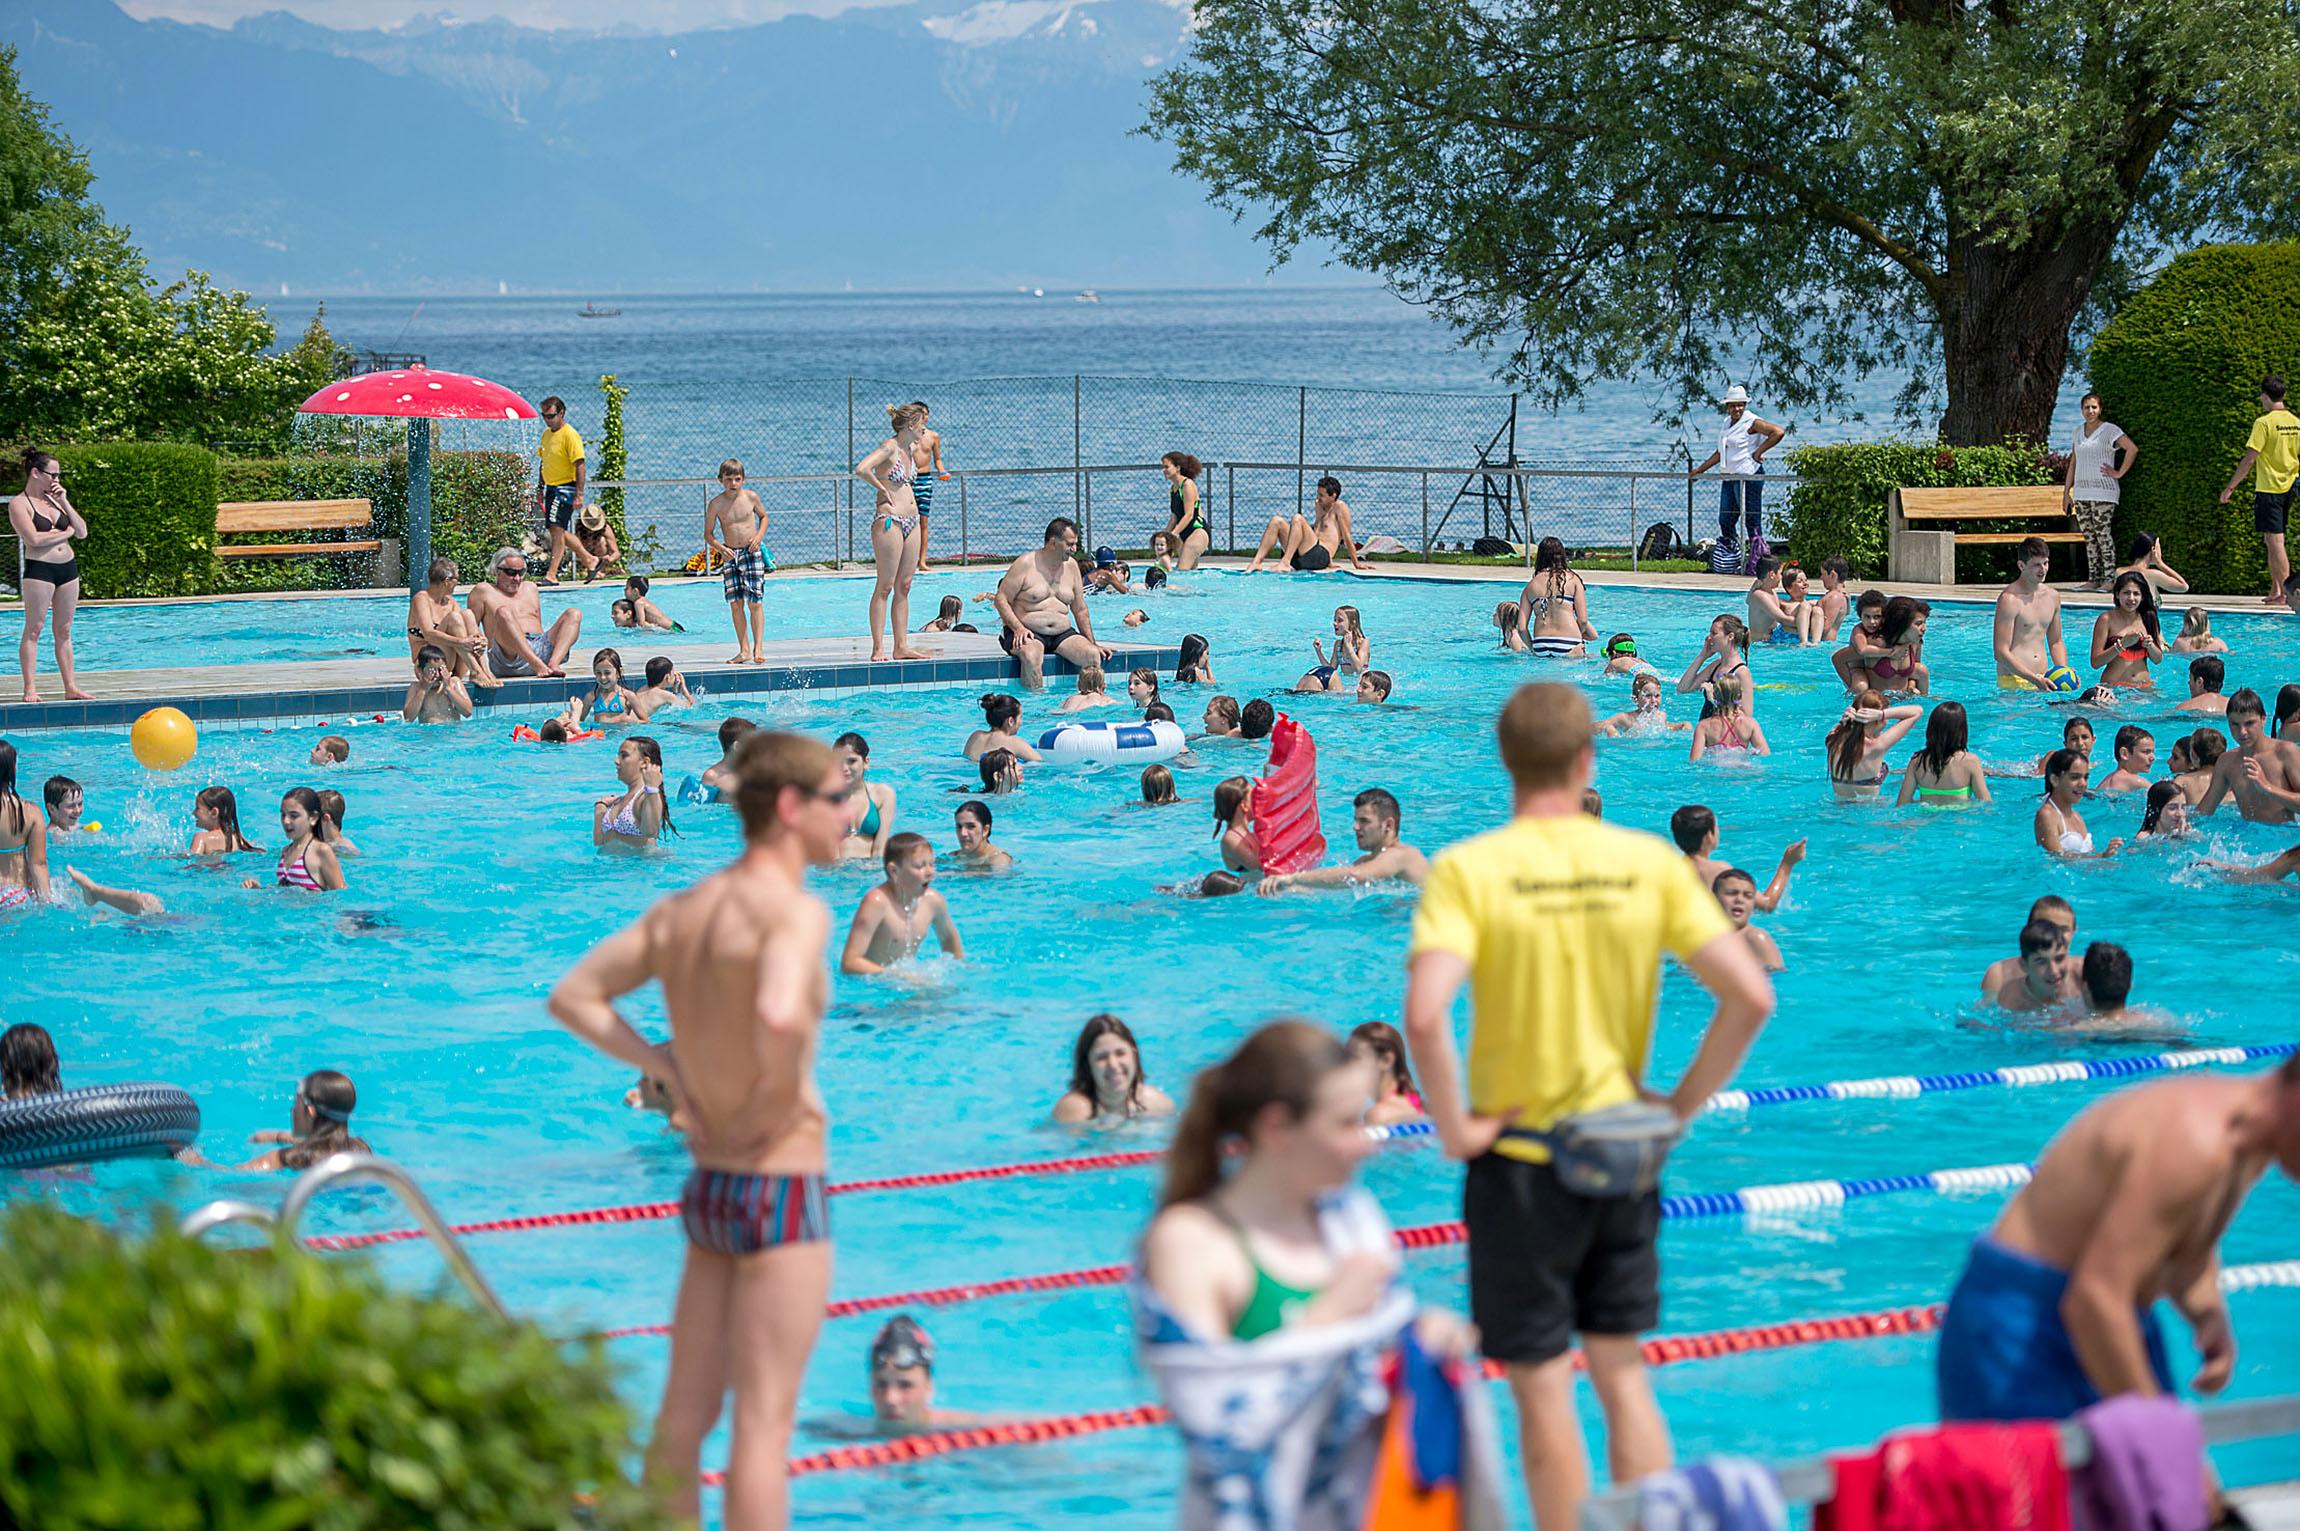 La piscine de Morges sera gratuite jusqu'à nouvel avis!